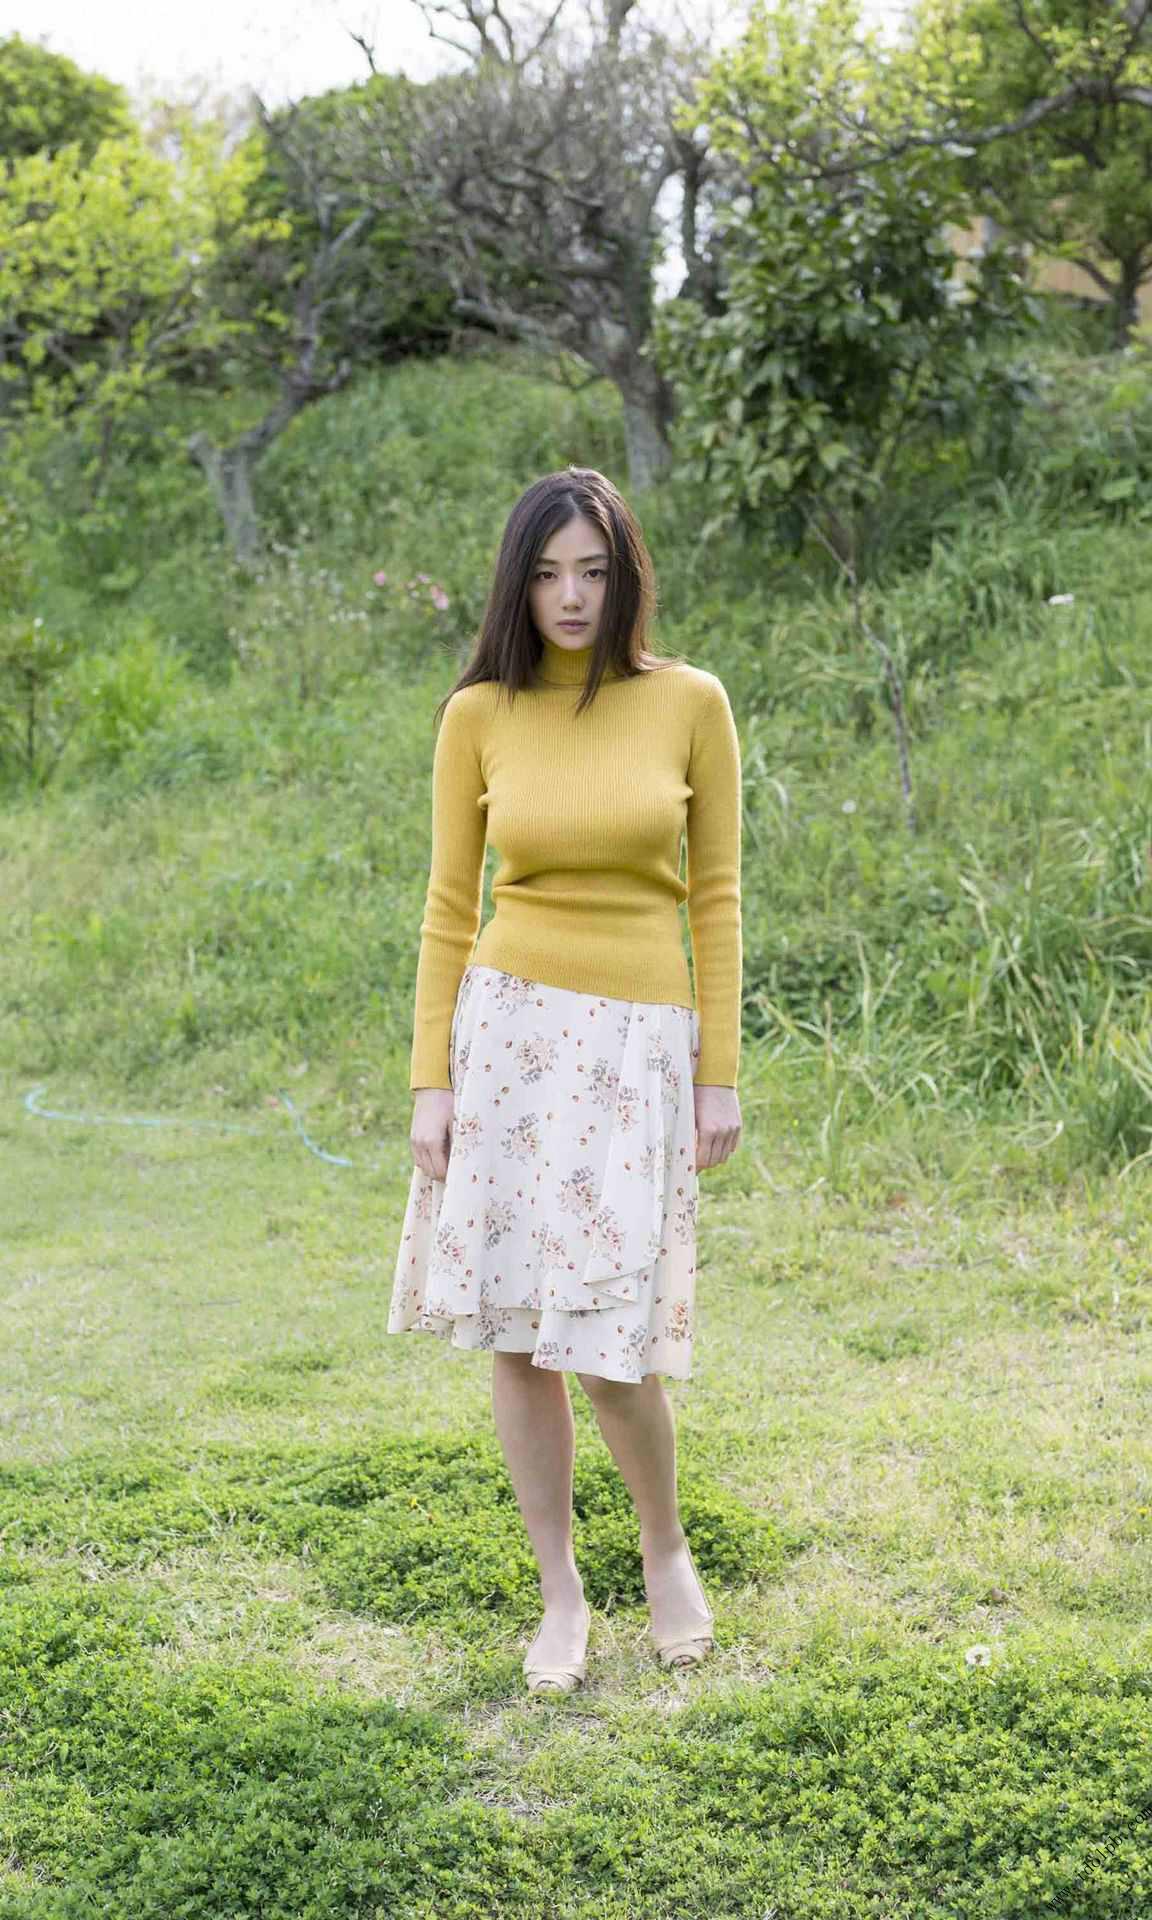 片山萌美の画像 p1_35